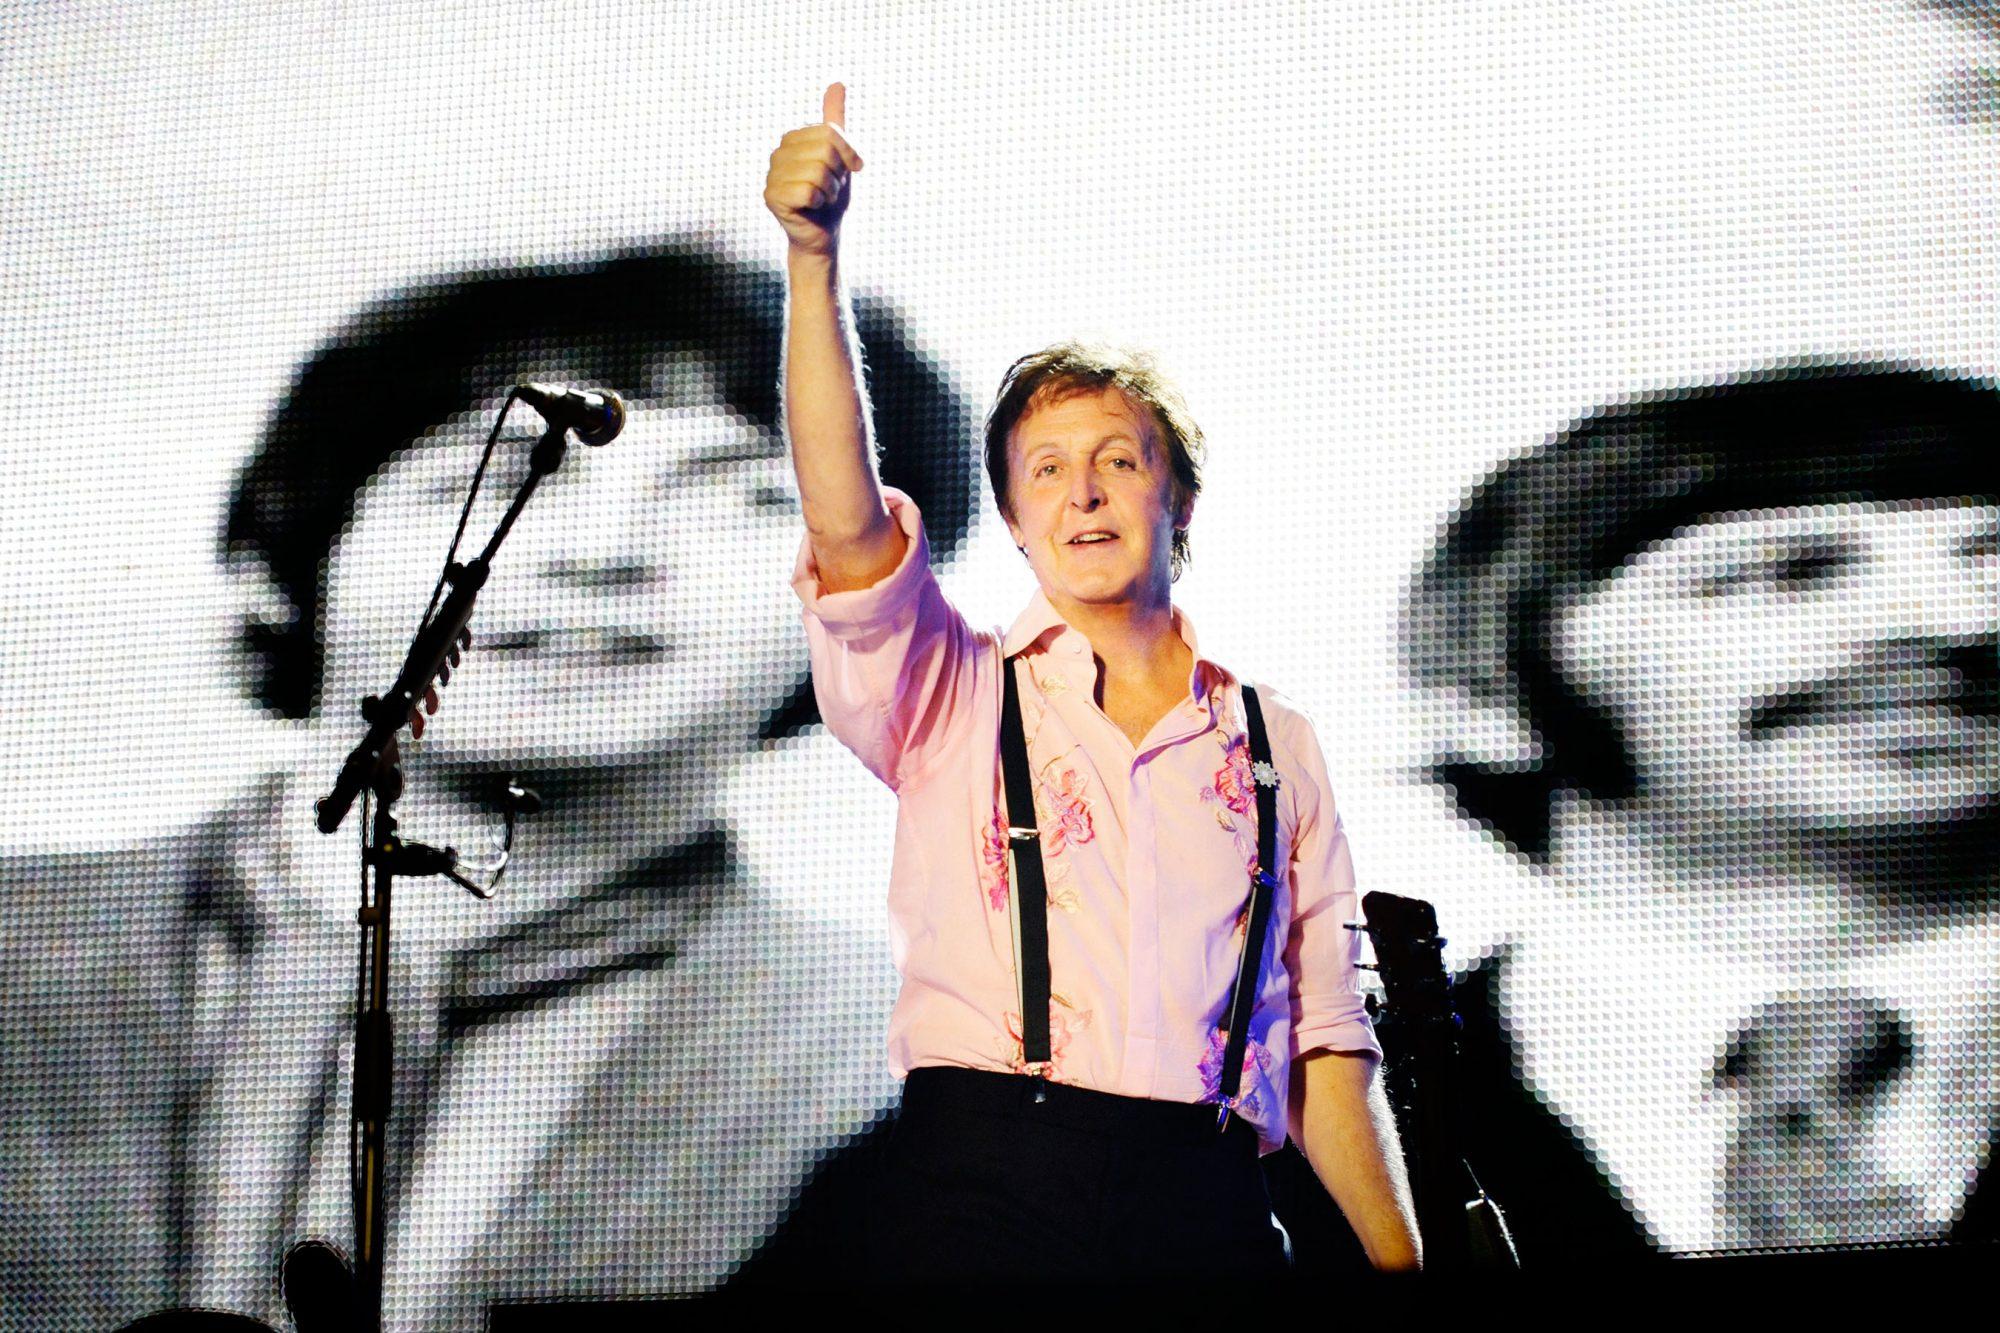 Paul McCartney 'Friendship First' Concert